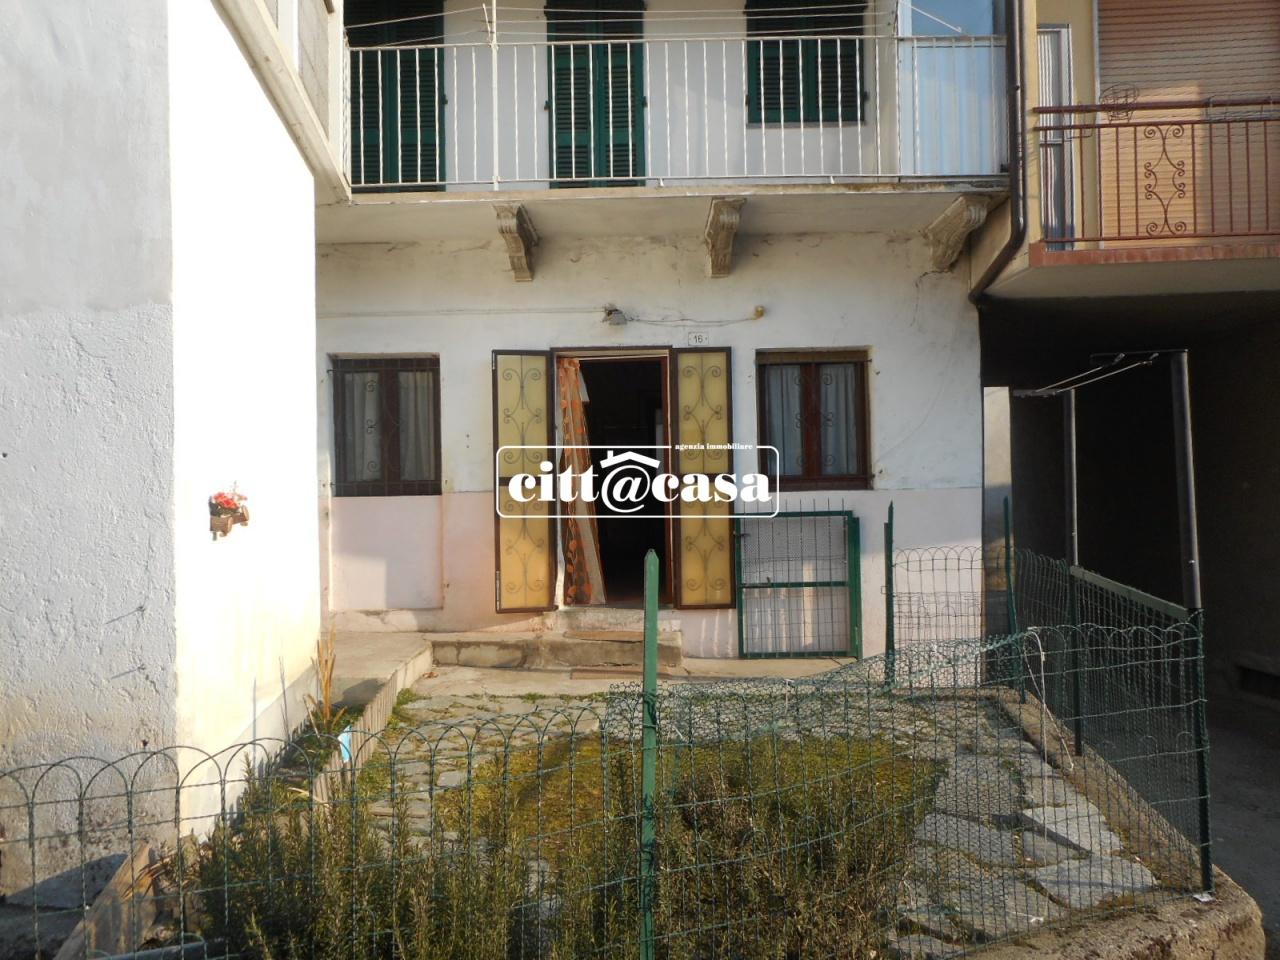 Appartamento in vendita a Lauriano, 2 locali, prezzo € 30.000 | CambioCasa.it